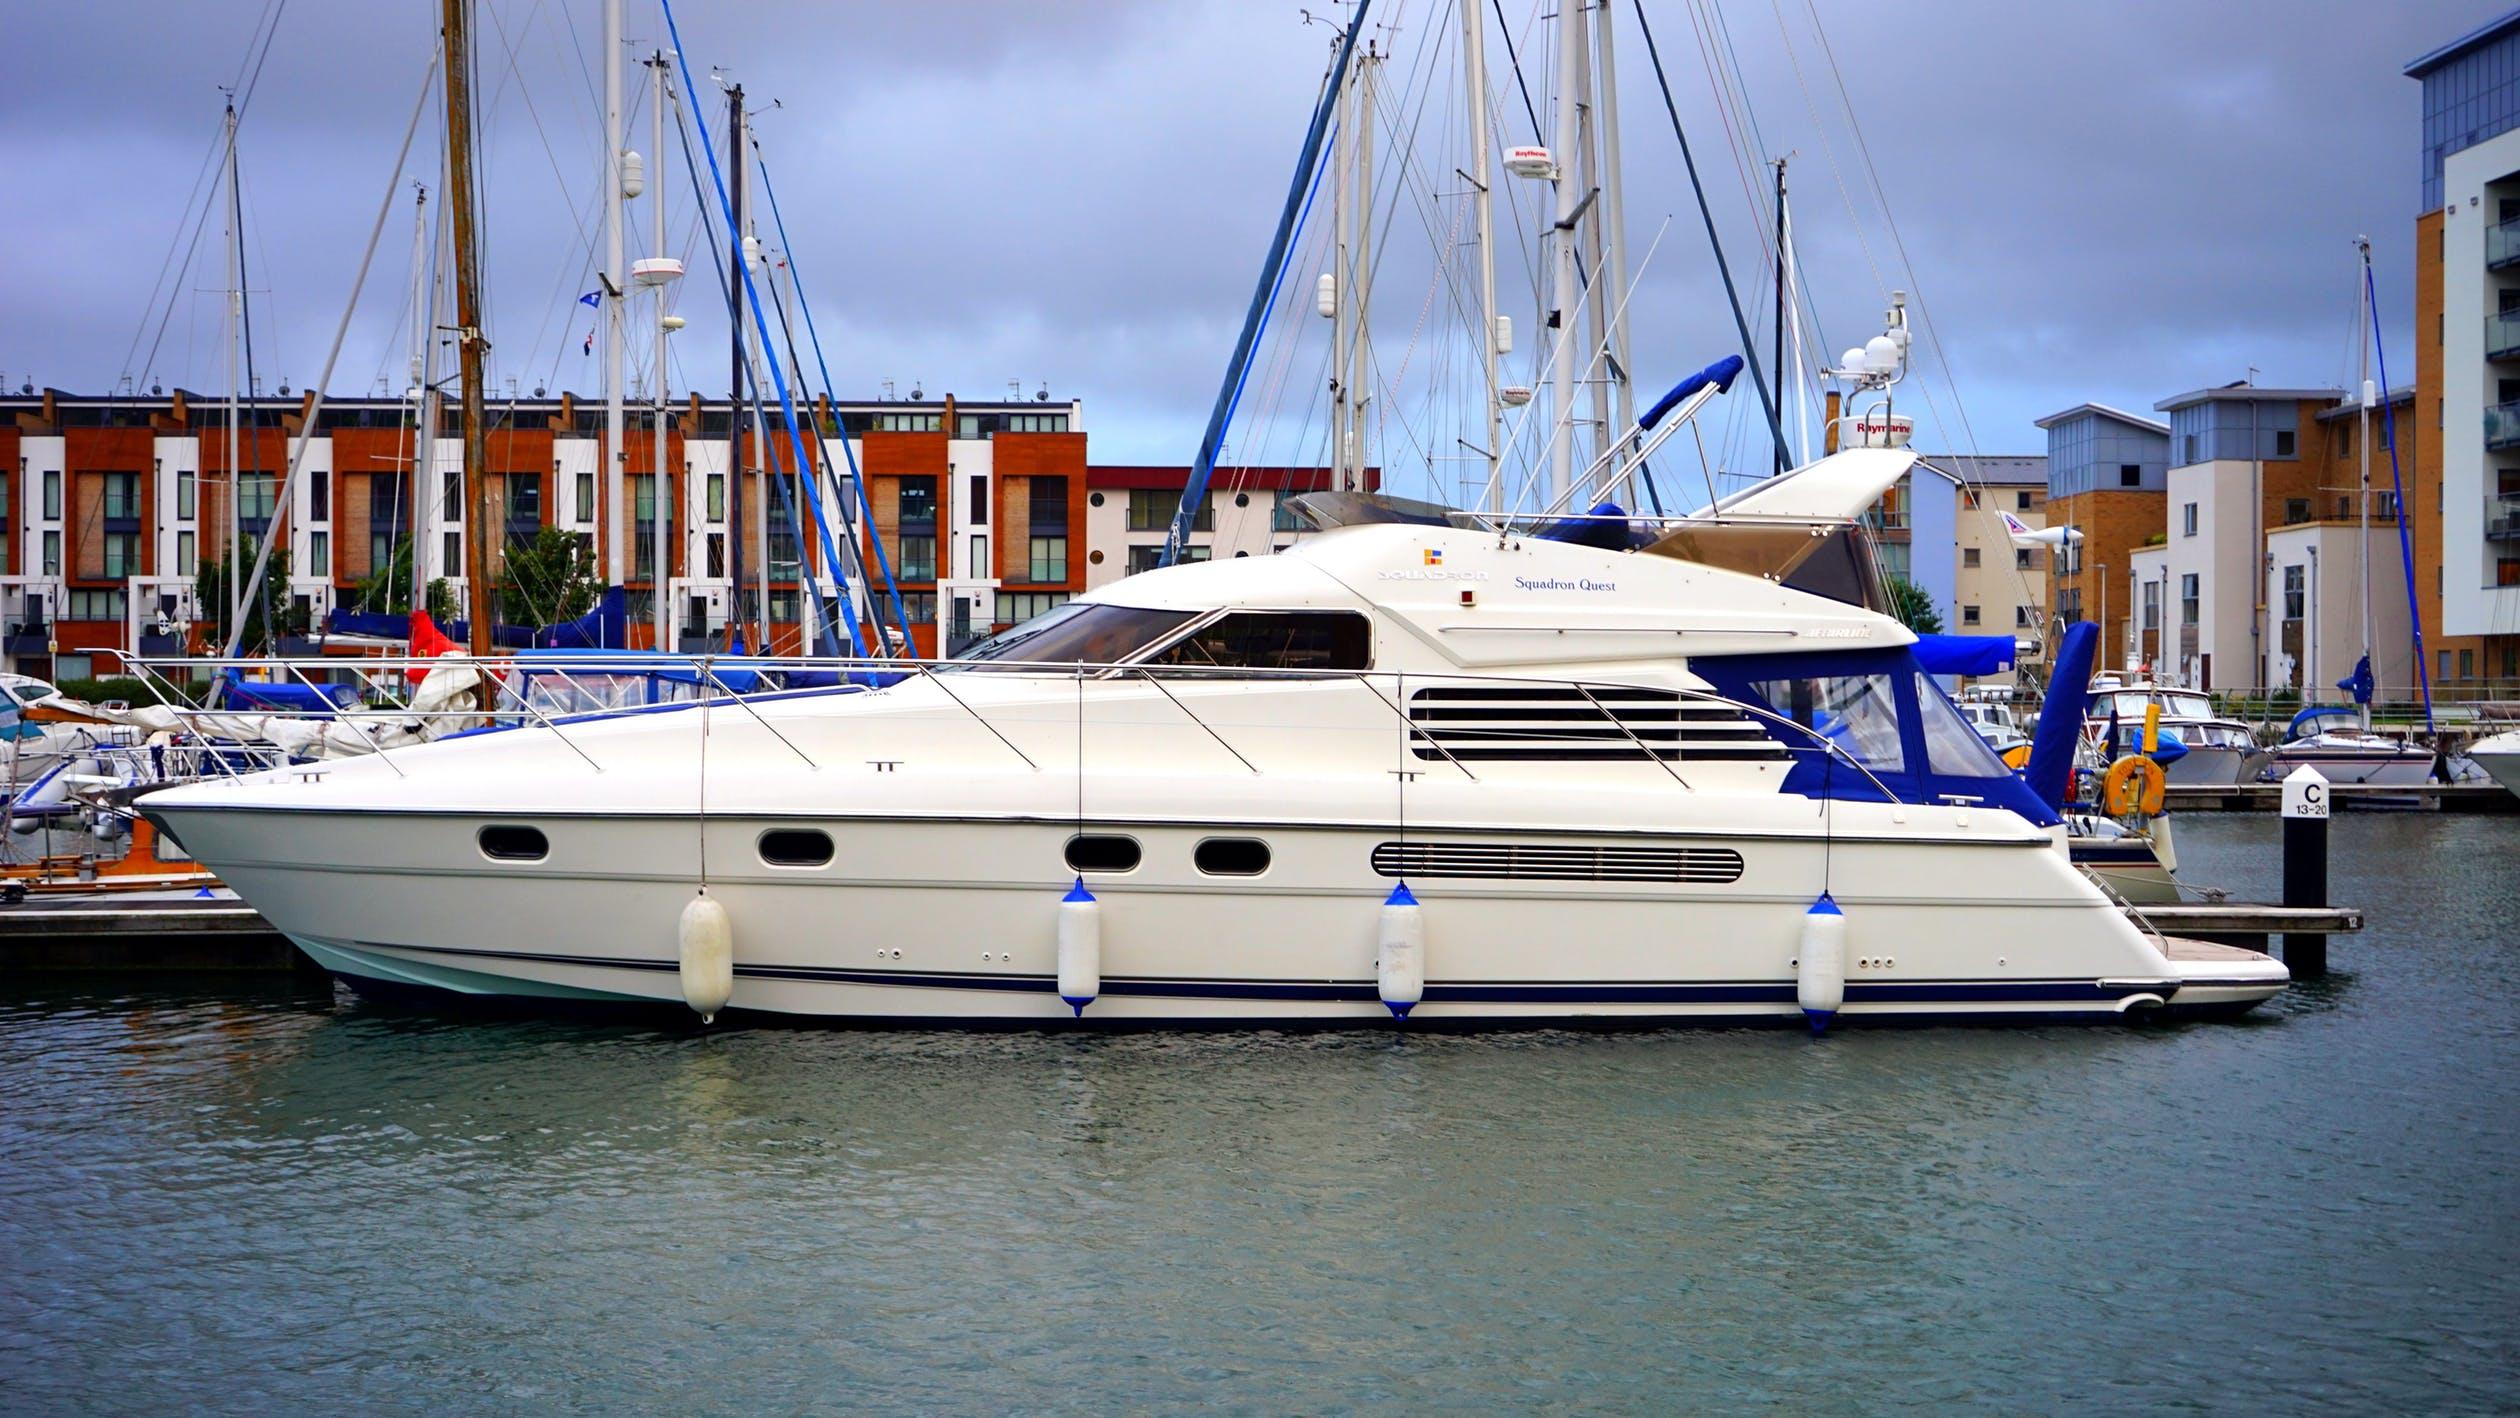 Tekne Kiralama ve Tekne Kiralama Fiyatları